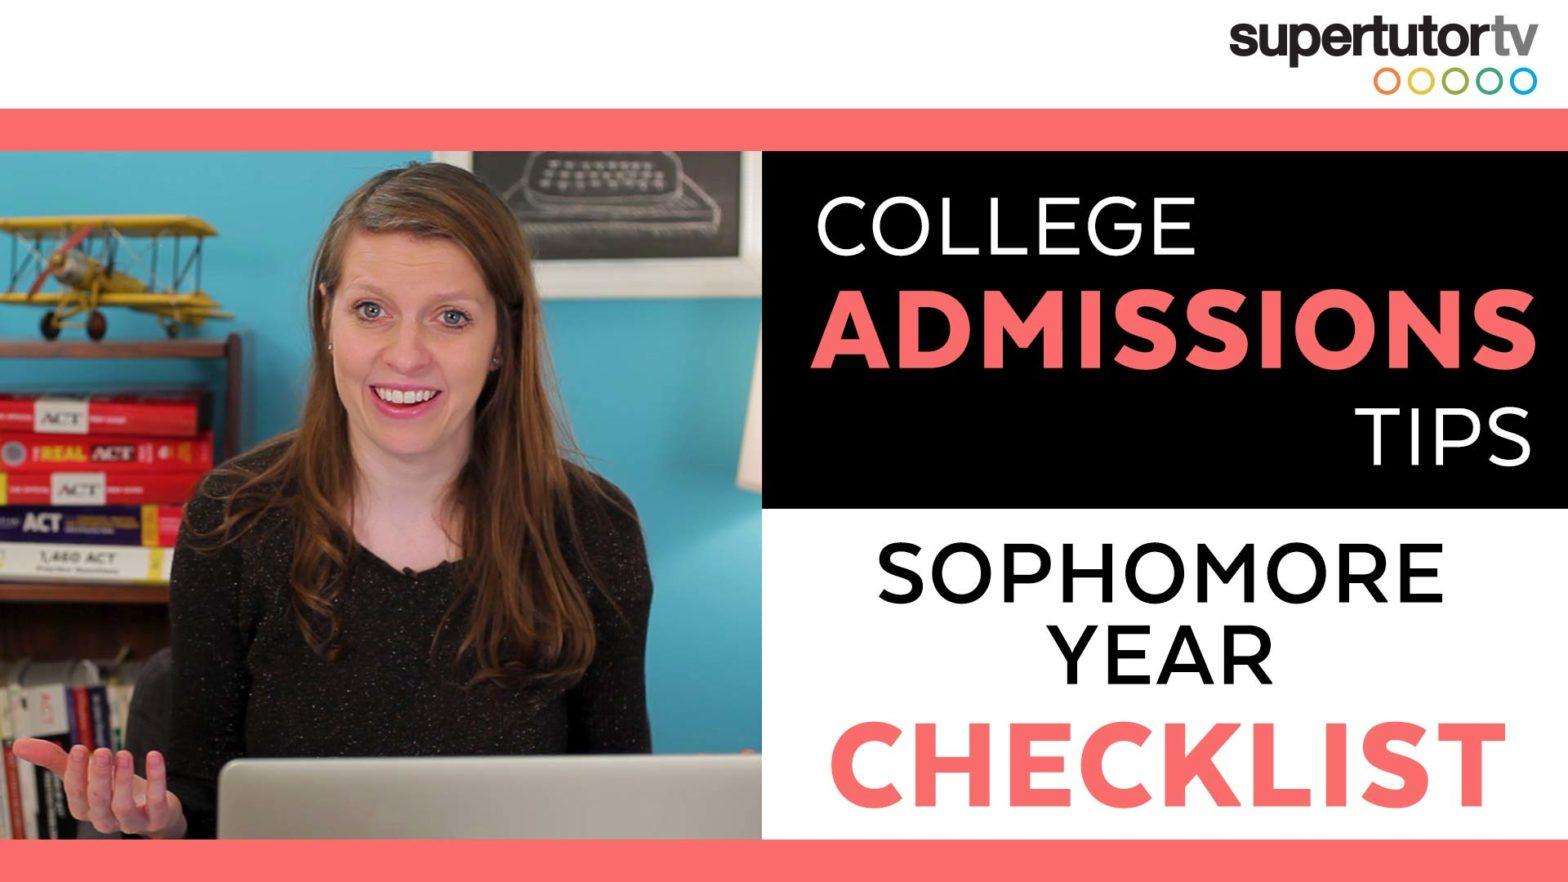 Sophomore Year College Checklist!